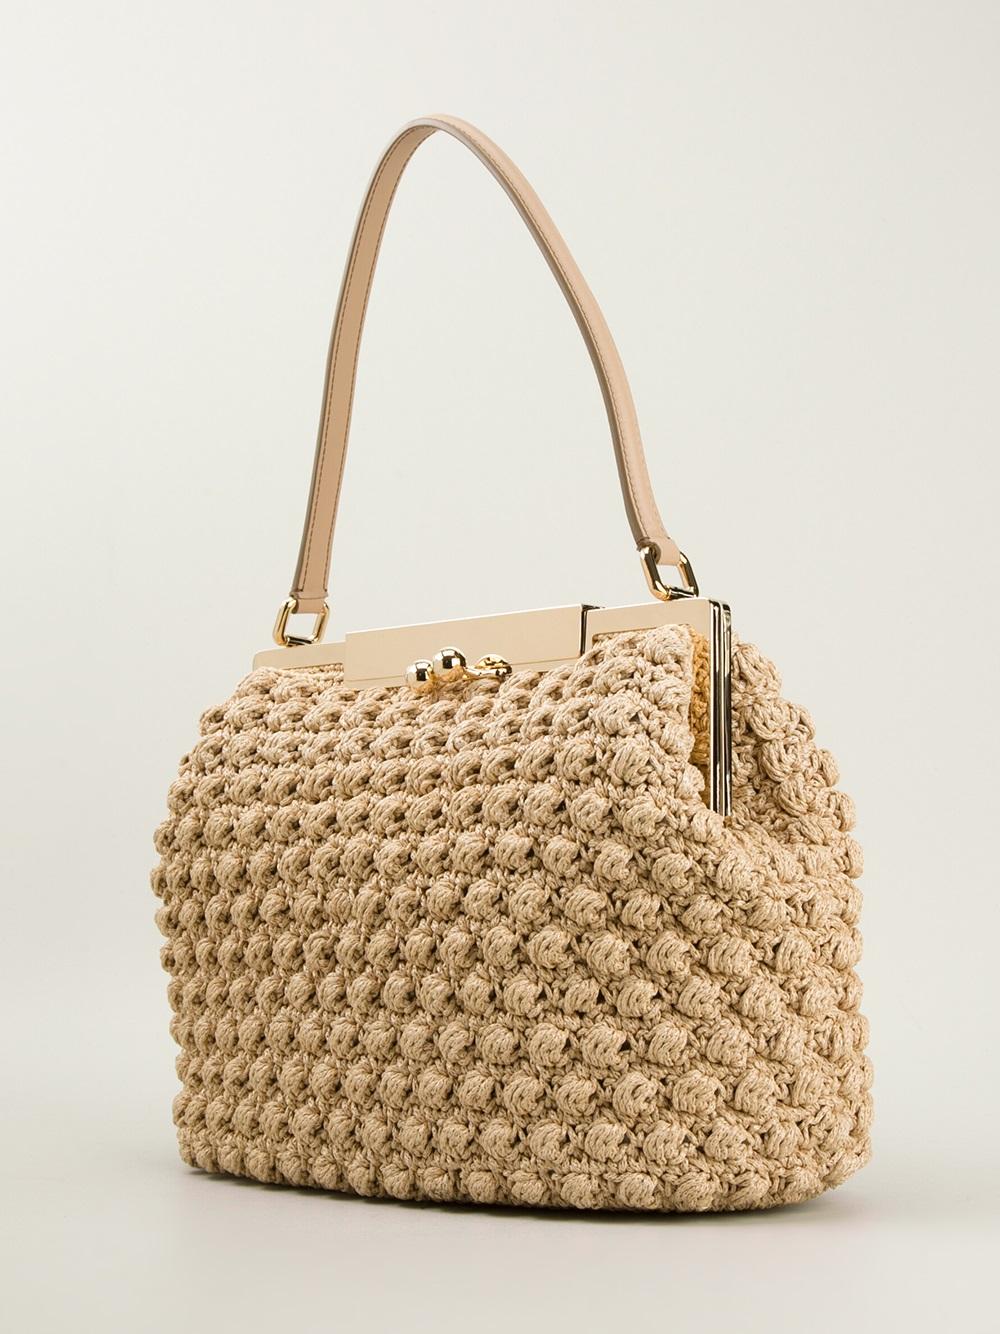 Lyst - Dolce   Gabbana Medium Crochet Bag in Natural a8d80dc6e78b9